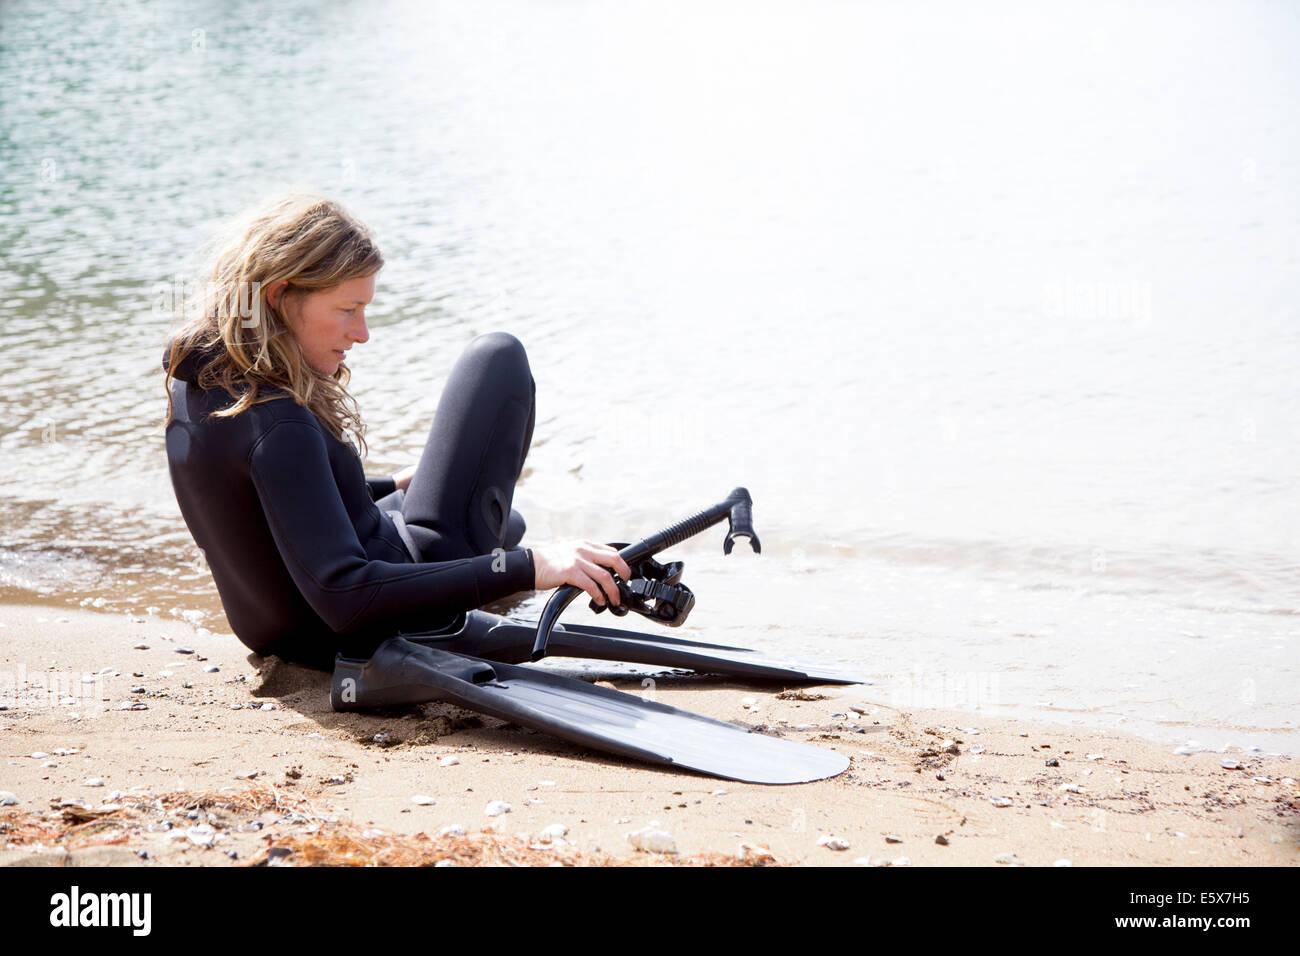 Female scuba diver, préparation de plongée sur la plage Photo Stock